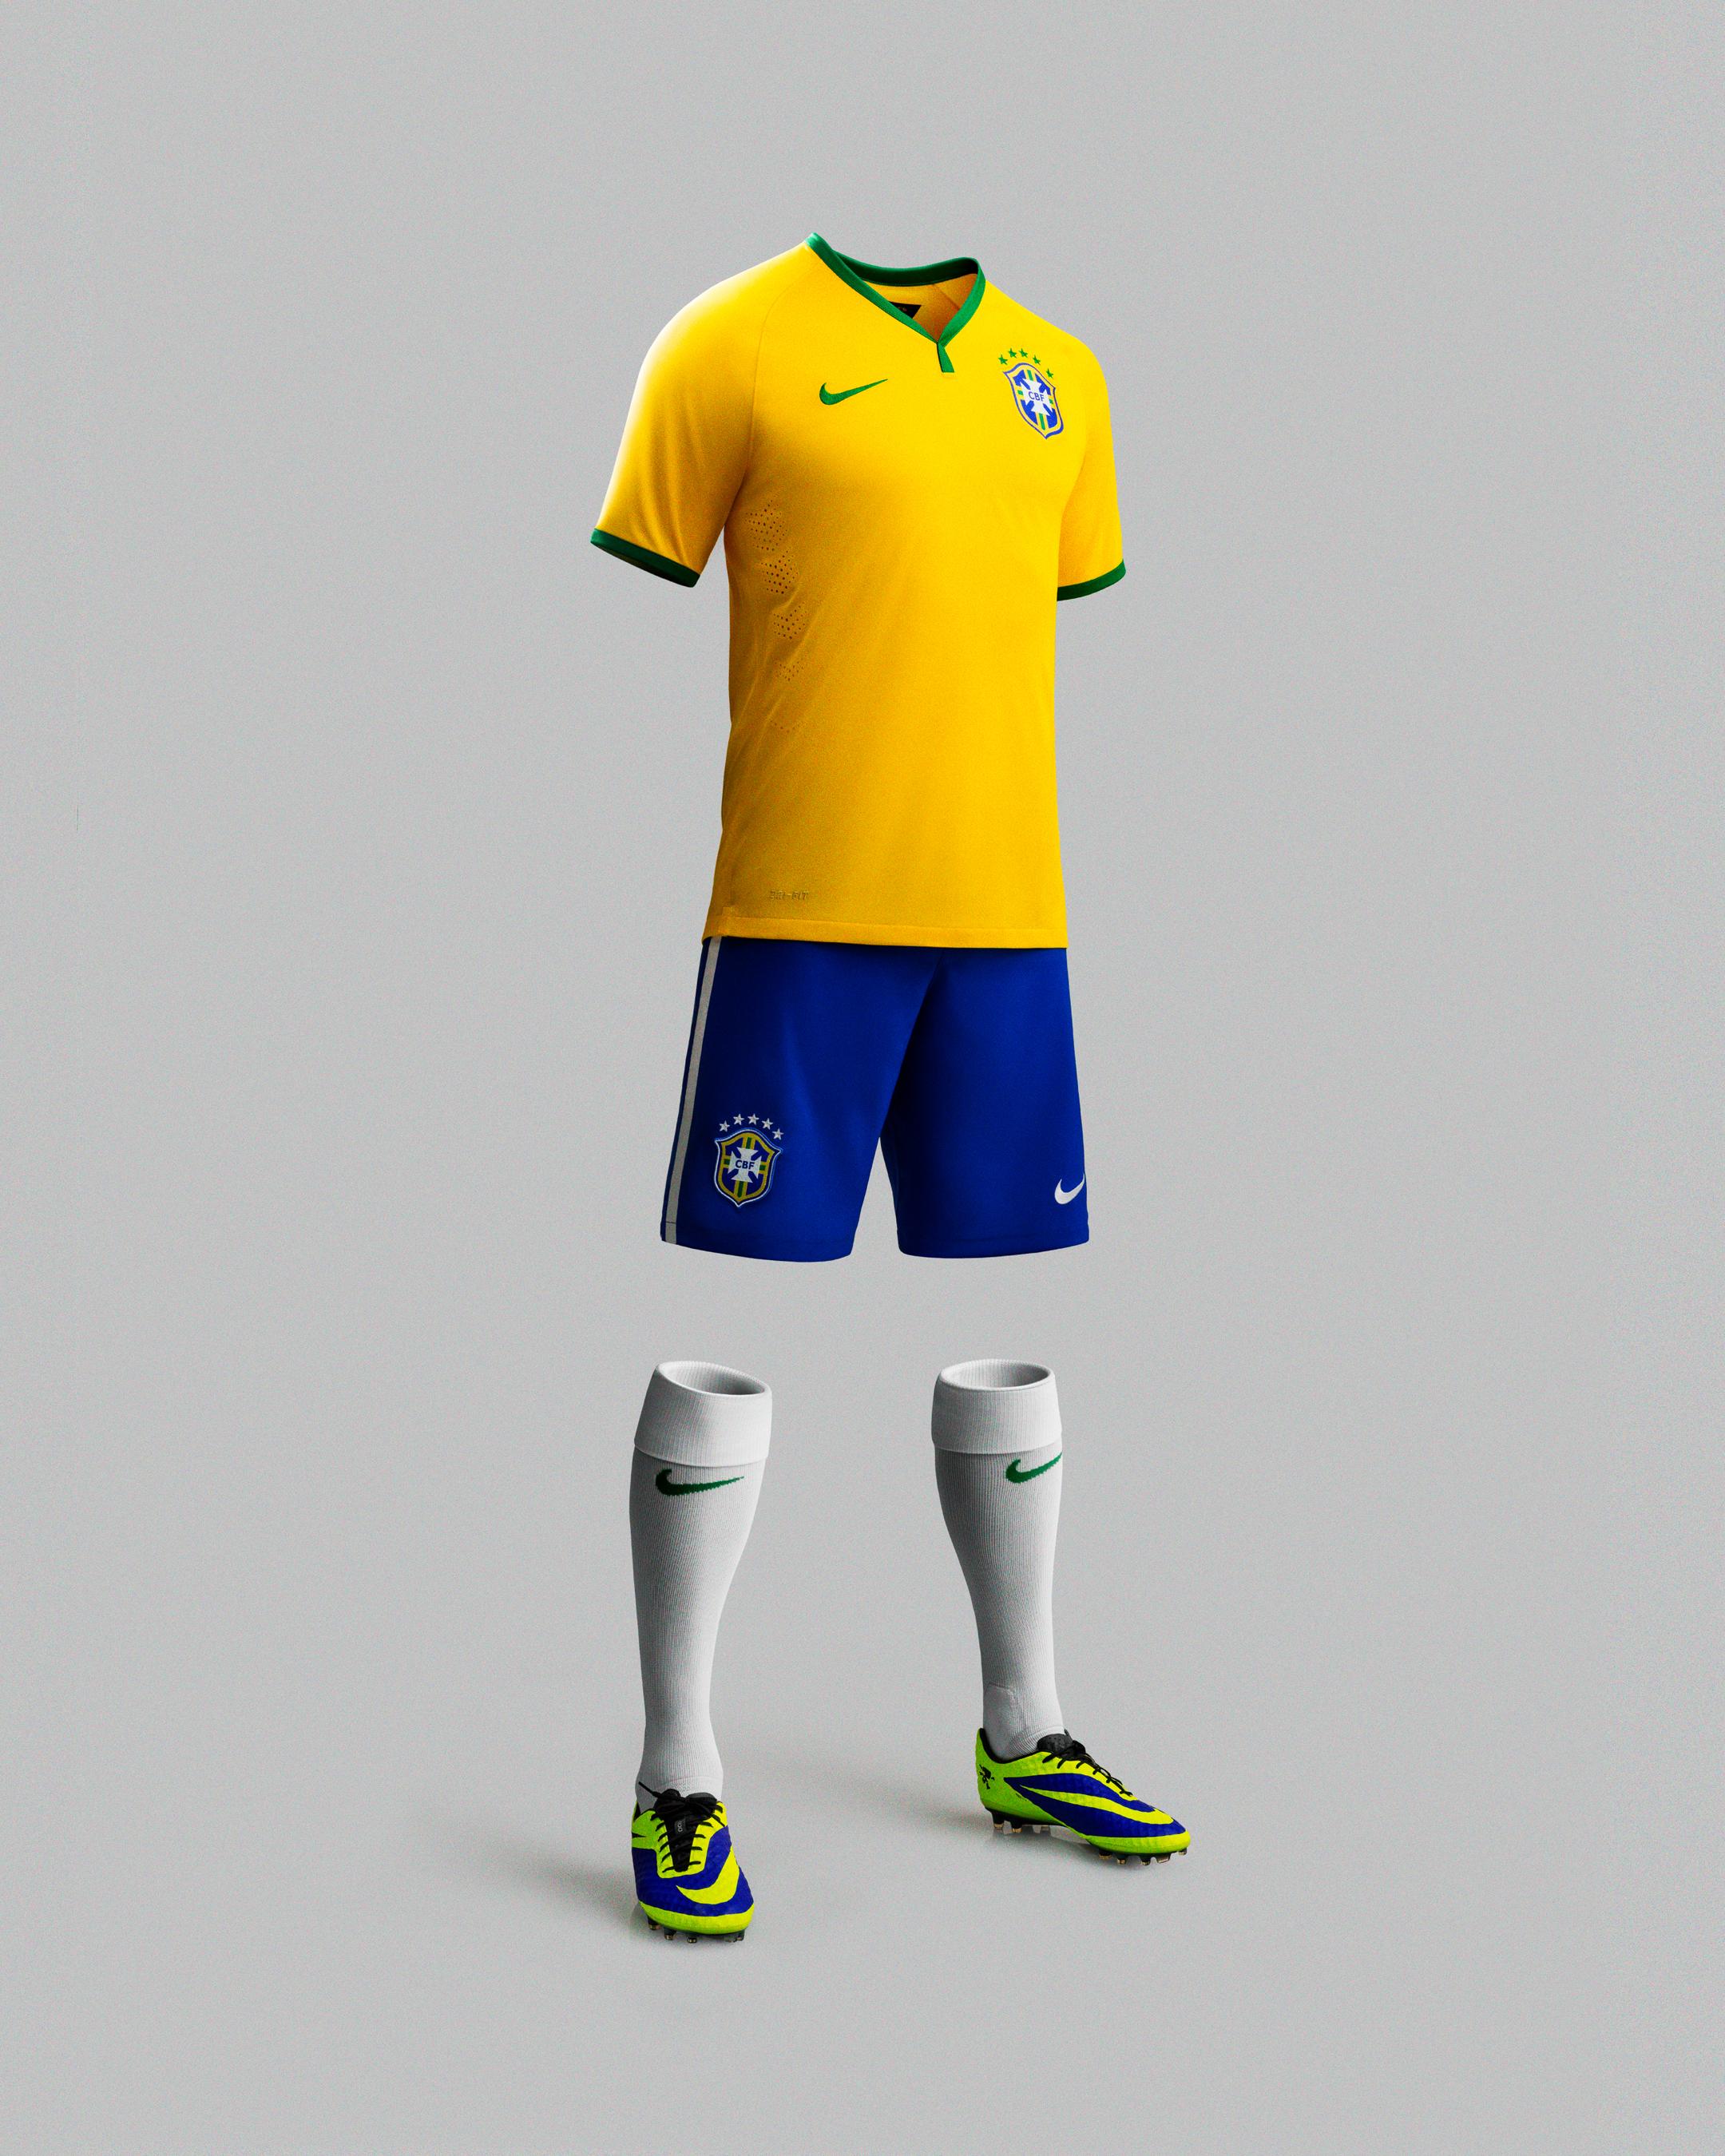 NIKE rivela il completo della nazionale brasiliana 2014